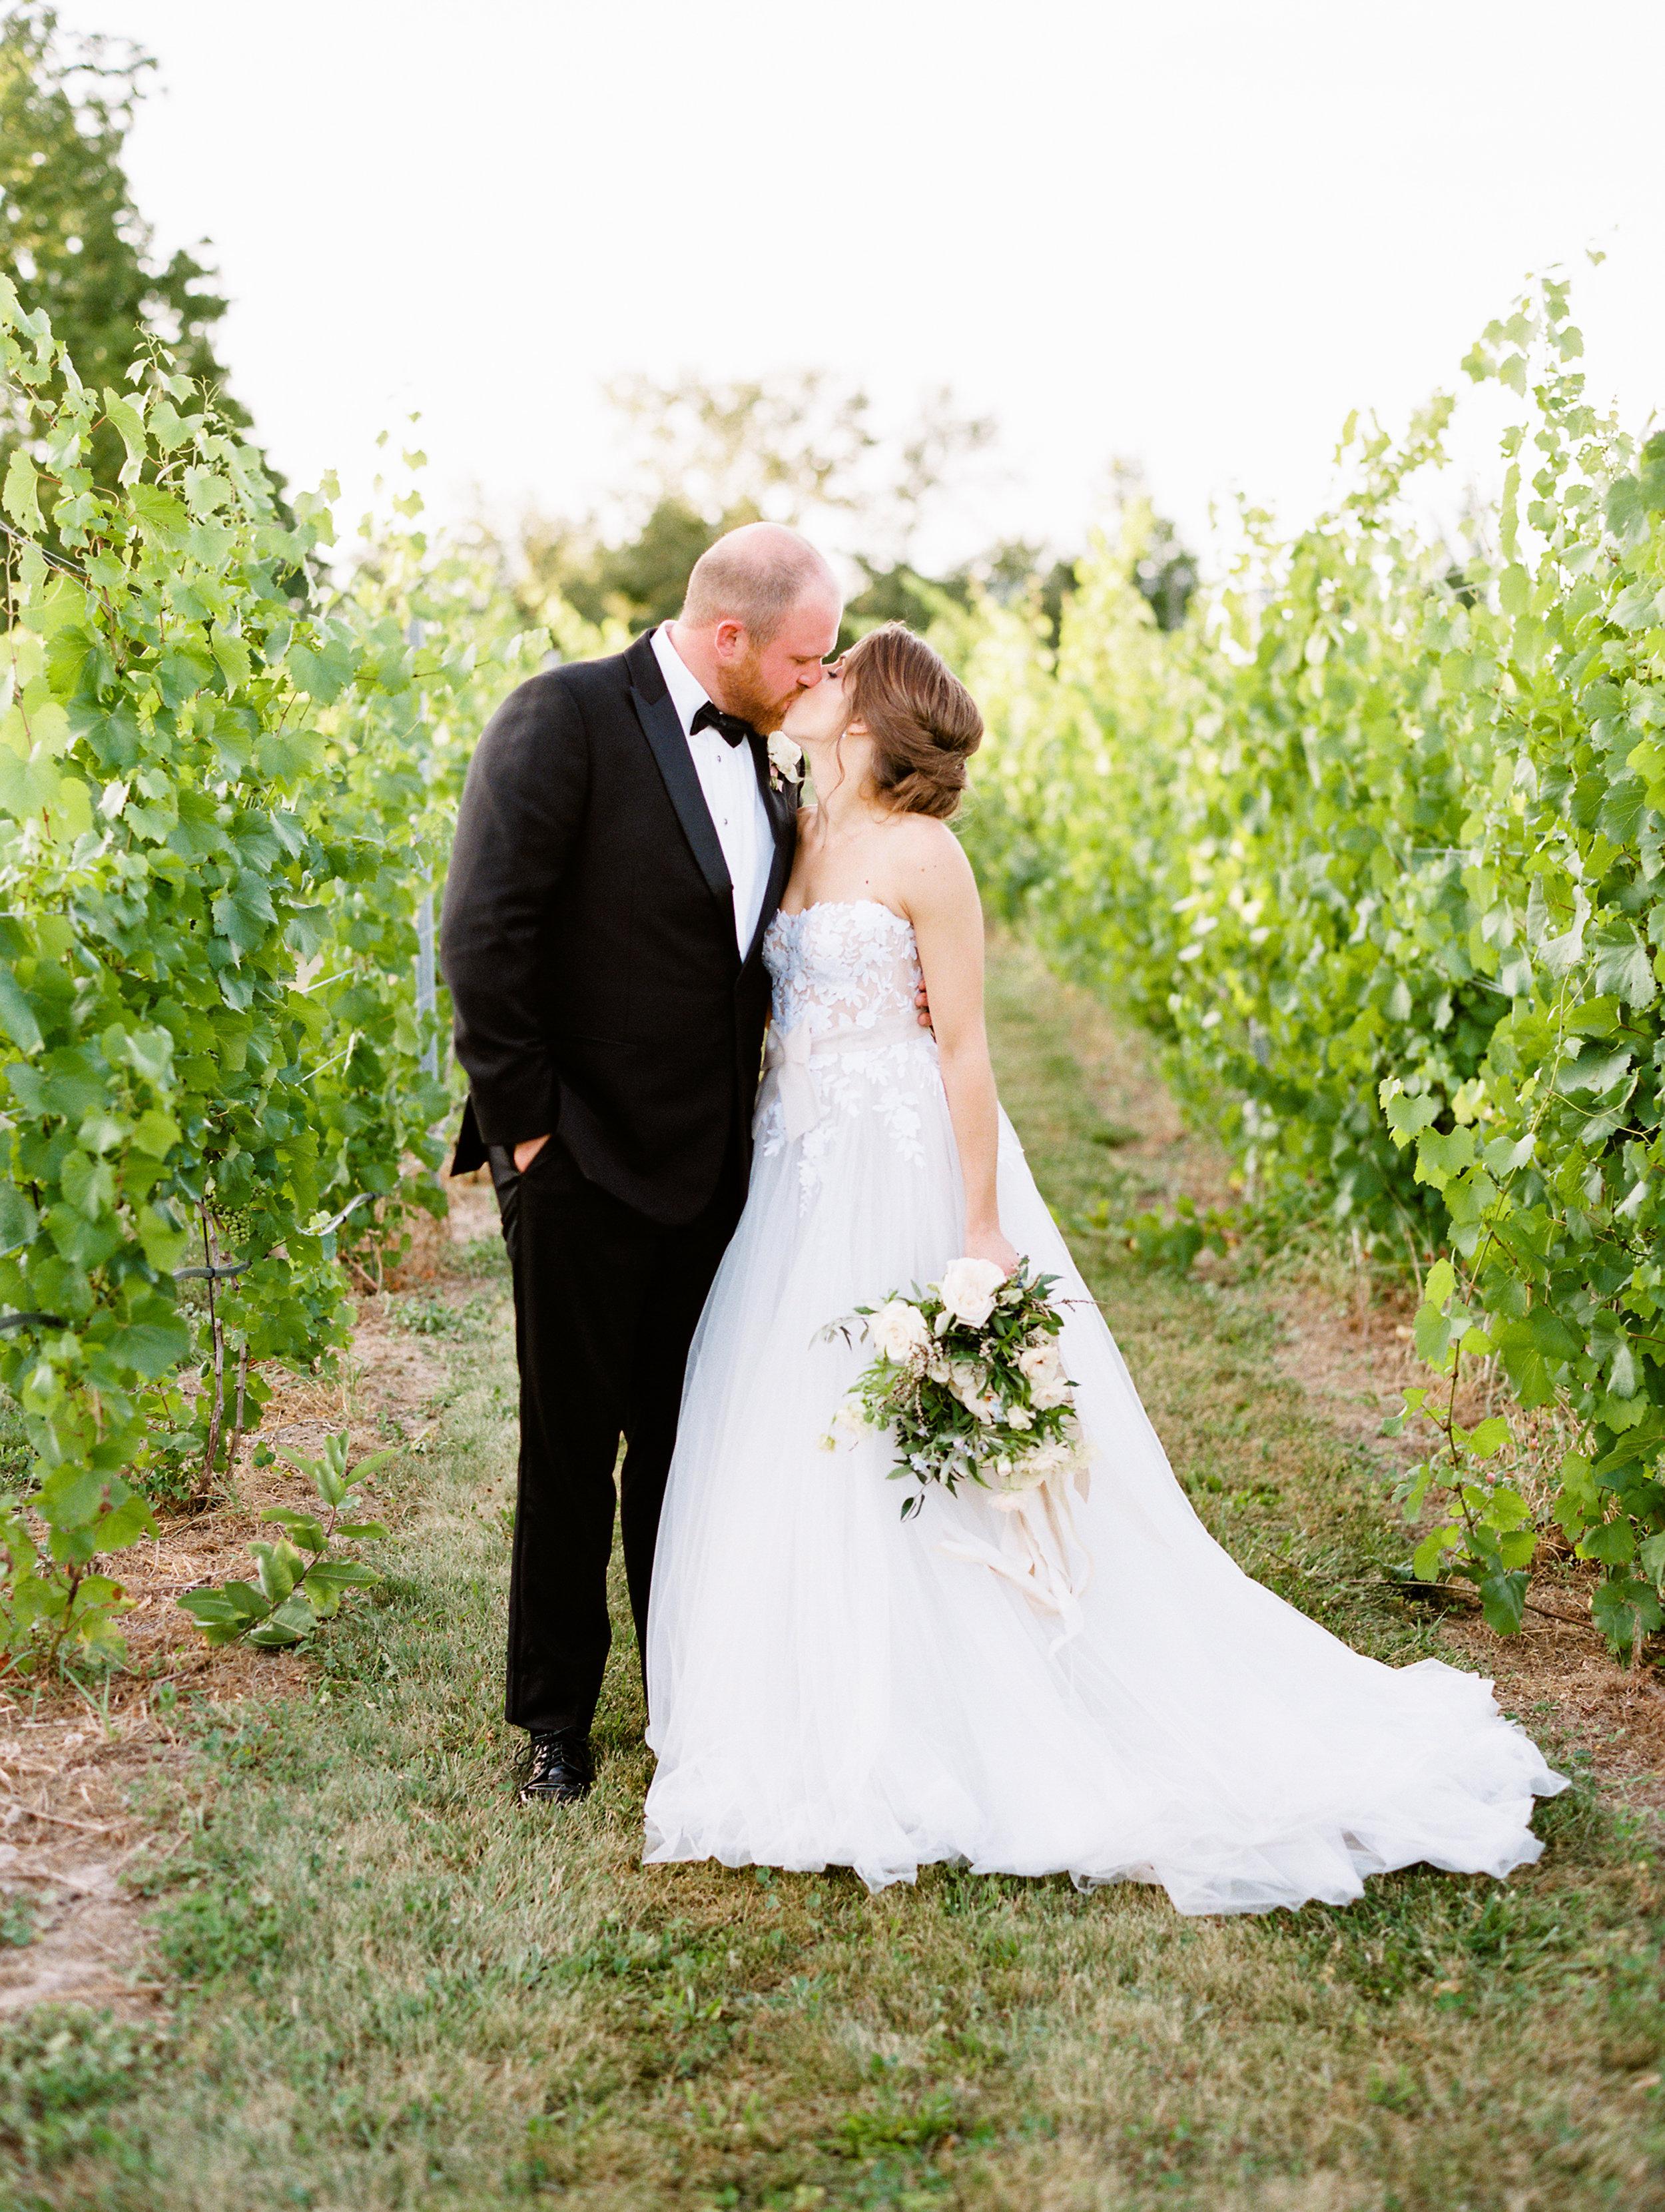 Steinlage+Wedding+Reception+Bride+Groom-62.jpg